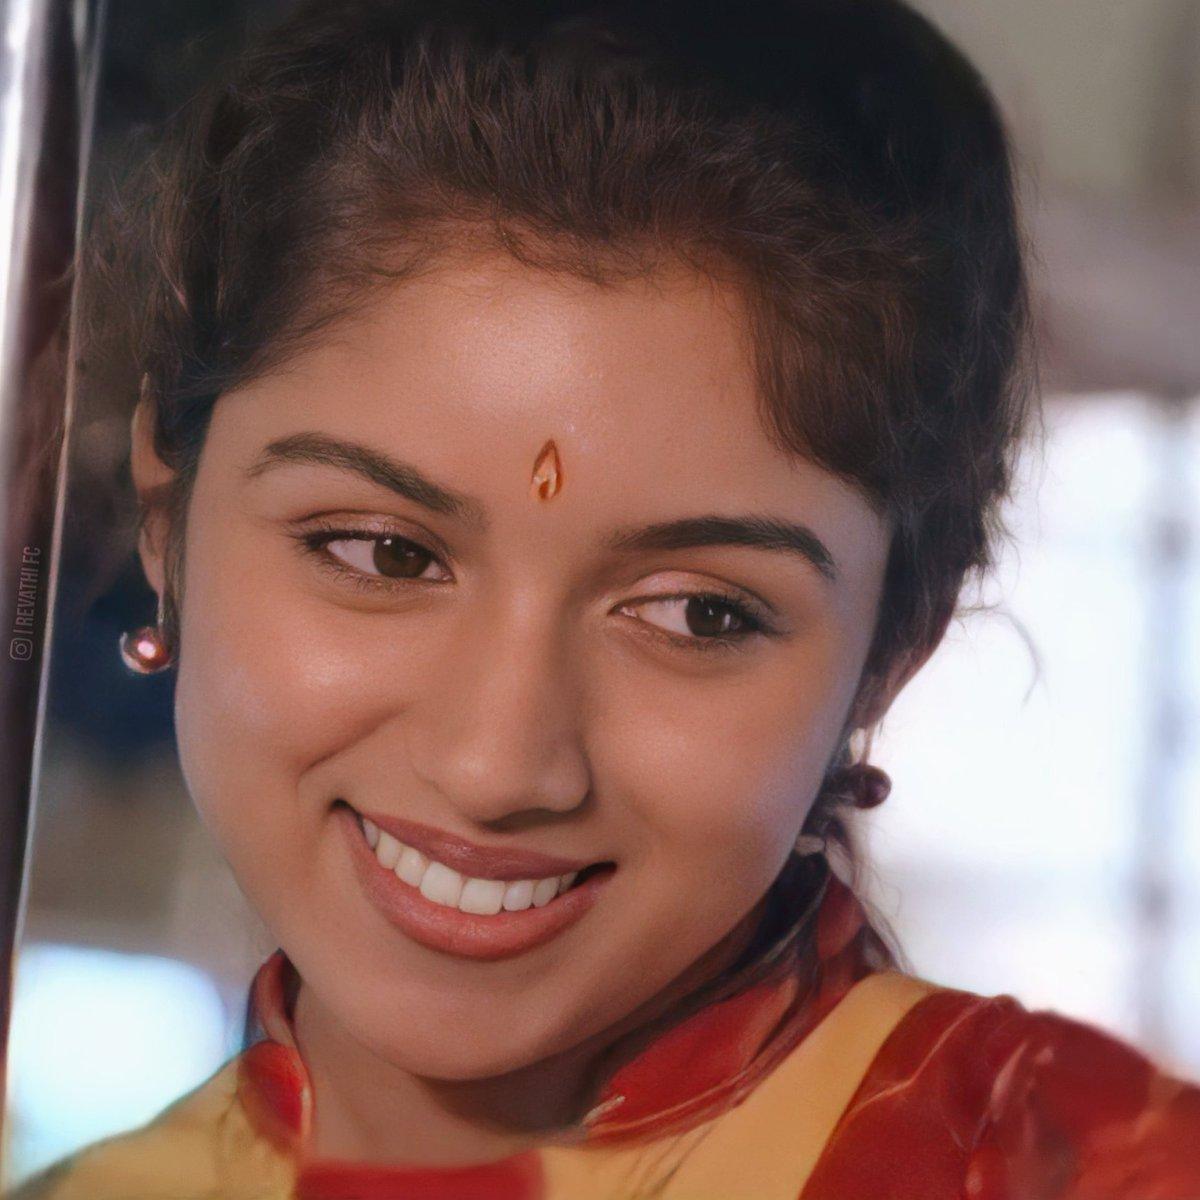 Her Smile  ❤️   | #Revathi #Revathy #Revathyasha